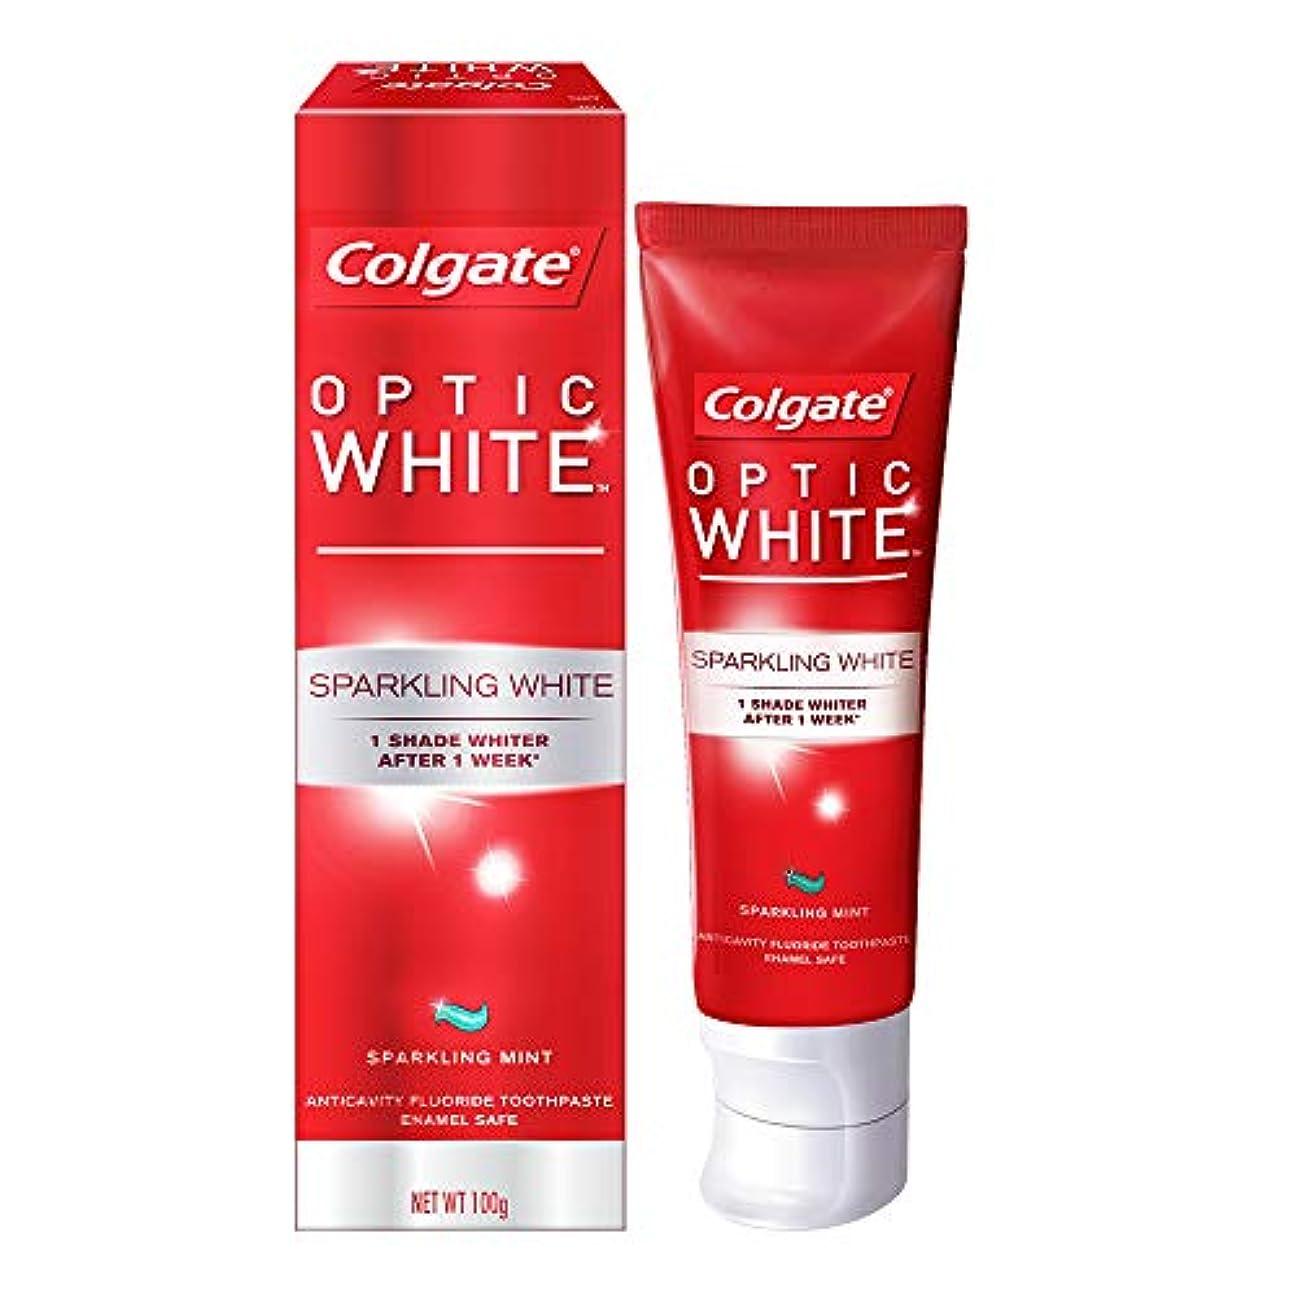 望むオペラ咲くコールゲート オプティック ホワイト スパークリングシャイン 100g 歯磨き粉 Colgate Optic White Sparkling Shine 100g Tooth Paste